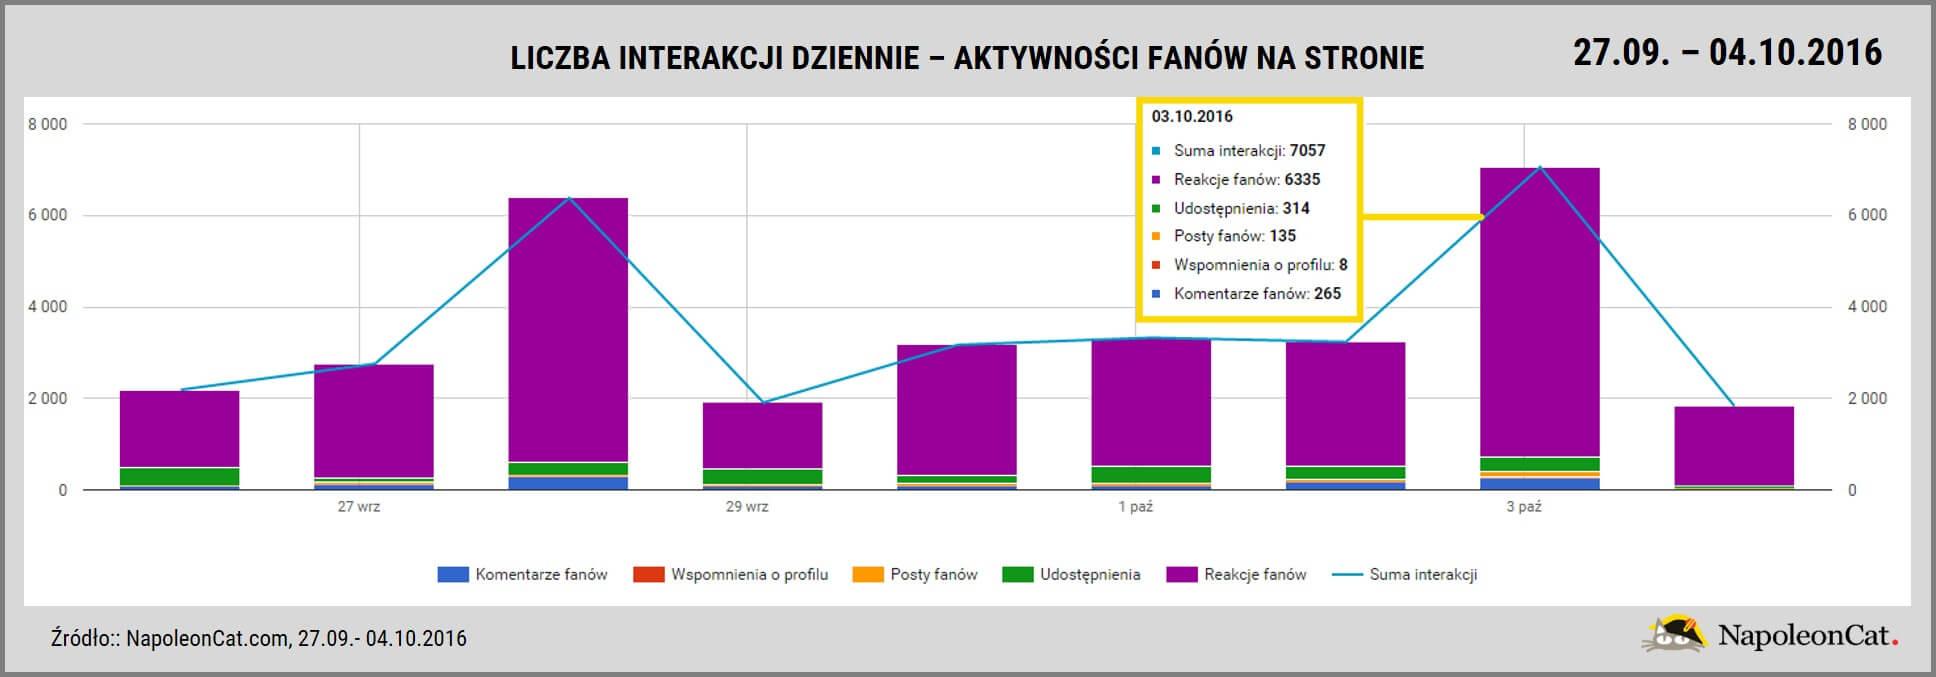 czarny protest_liczba interakcji dziennie_Facebook_NapoleonCat.com